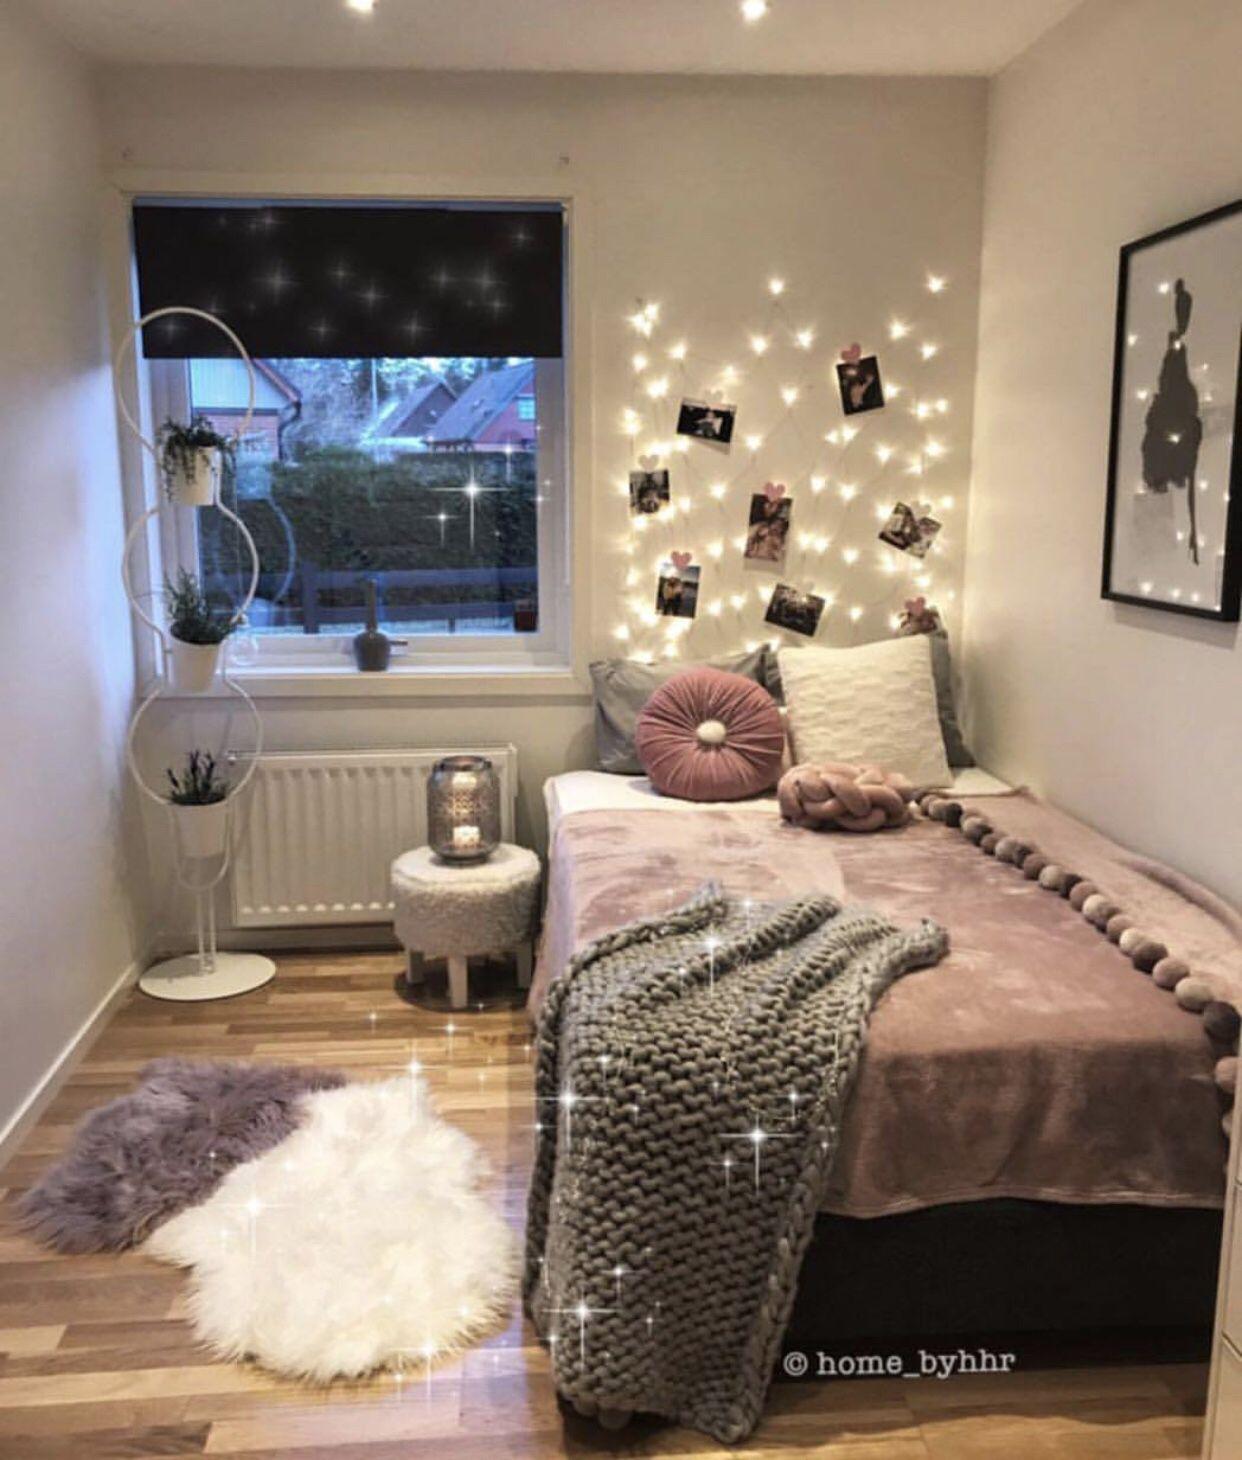 Pinterest Claudiagabg Cute Bedroom Ideas Bedroom Decor Room Decor